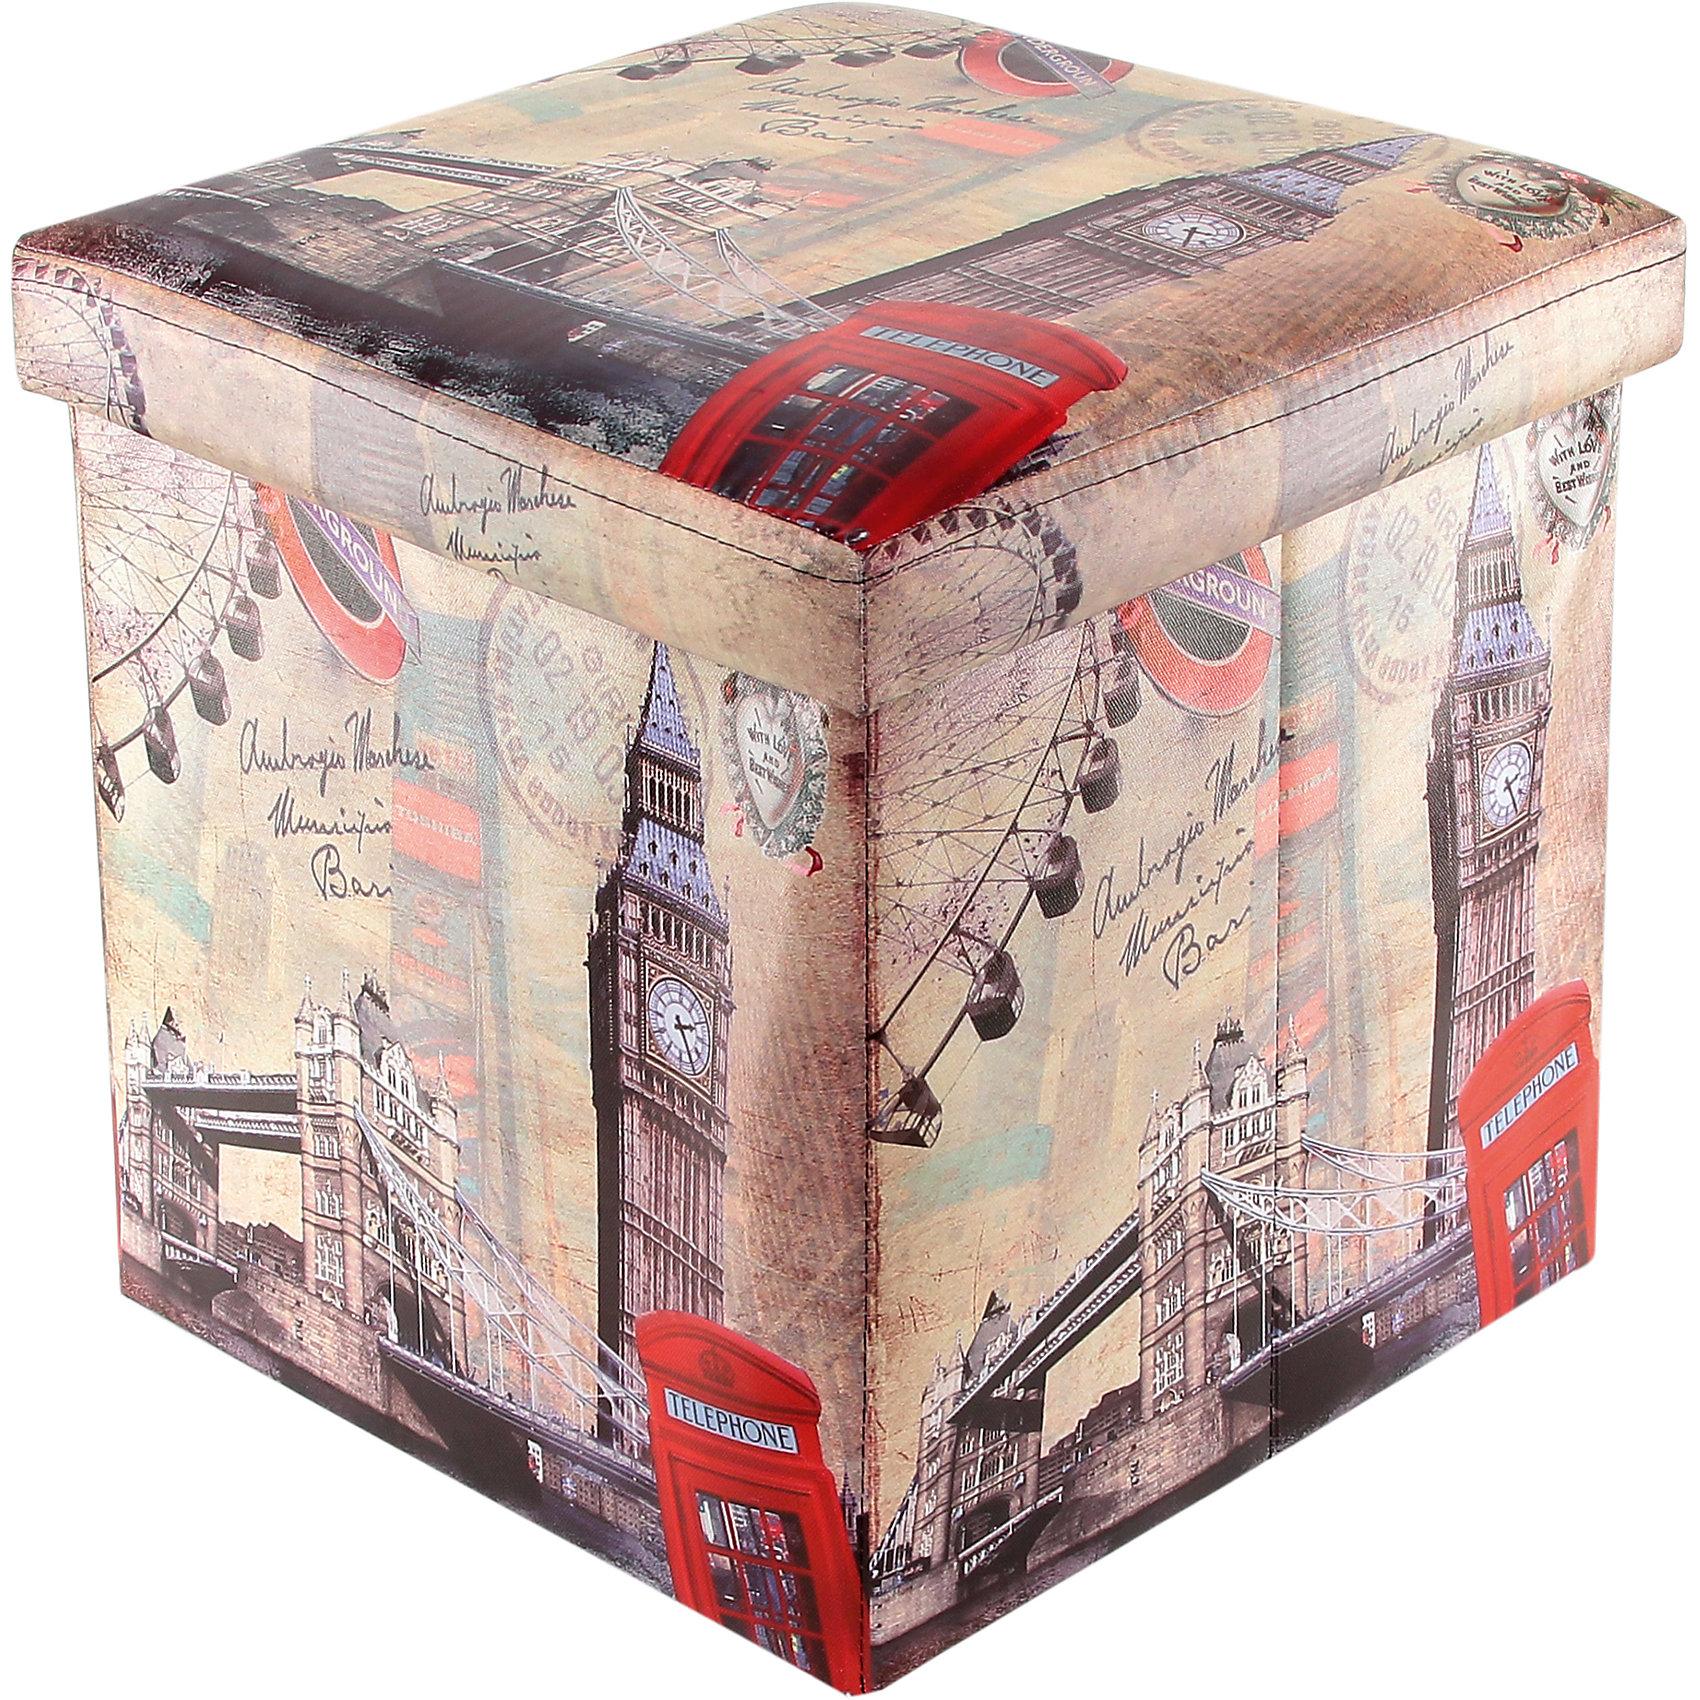 Пуф складной с ящиком для хранения 35*35*35 см. Лондон Биг Бен, EL CasaПорядок в детской<br>Характеристики товара:<br><br>• цвет: мульти<br>• материал: МДФ, экокожа<br>• размер: 35 х 35 х 35 см<br>• вес: 1000 г<br>• легко складывается<br>• декорирован принтом<br>• с ящиком для хранения<br>• удобный<br>• вместительный<br>• универсальный размер<br>• страна бренда: Российская Федерация<br>• страна производства: Китай<br><br>Такой пуф - отличный пример красивой и функциональной вещи для любого интерьера. В нем удобной хранить различные мелочи, благодаря универсальному дизайну и расцветке он хорошо будет смотреться в помещении.<br><br>Пуф для хранения может стать отличным приобретением для дома или подарком для любителей красивых оригинальных вещей.<br><br>Бренд EL Casa - это красивые и практичные товары для дома с современным дизайном. Они добавляют в жильё уюта и комфорта! <br><br>Пуф складной с ящиком для хранения 35*35*35 см. Лондон Биг Бен, EL Casa можно купить в нашем интернет-магазине.<br><br>Ширина мм: 350<br>Глубина мм: 350<br>Высота мм: 50<br>Вес г: 1250<br>Возраст от месяцев: 0<br>Возраст до месяцев: 1188<br>Пол: Унисекс<br>Возраст: Детский<br>SKU: 6668676